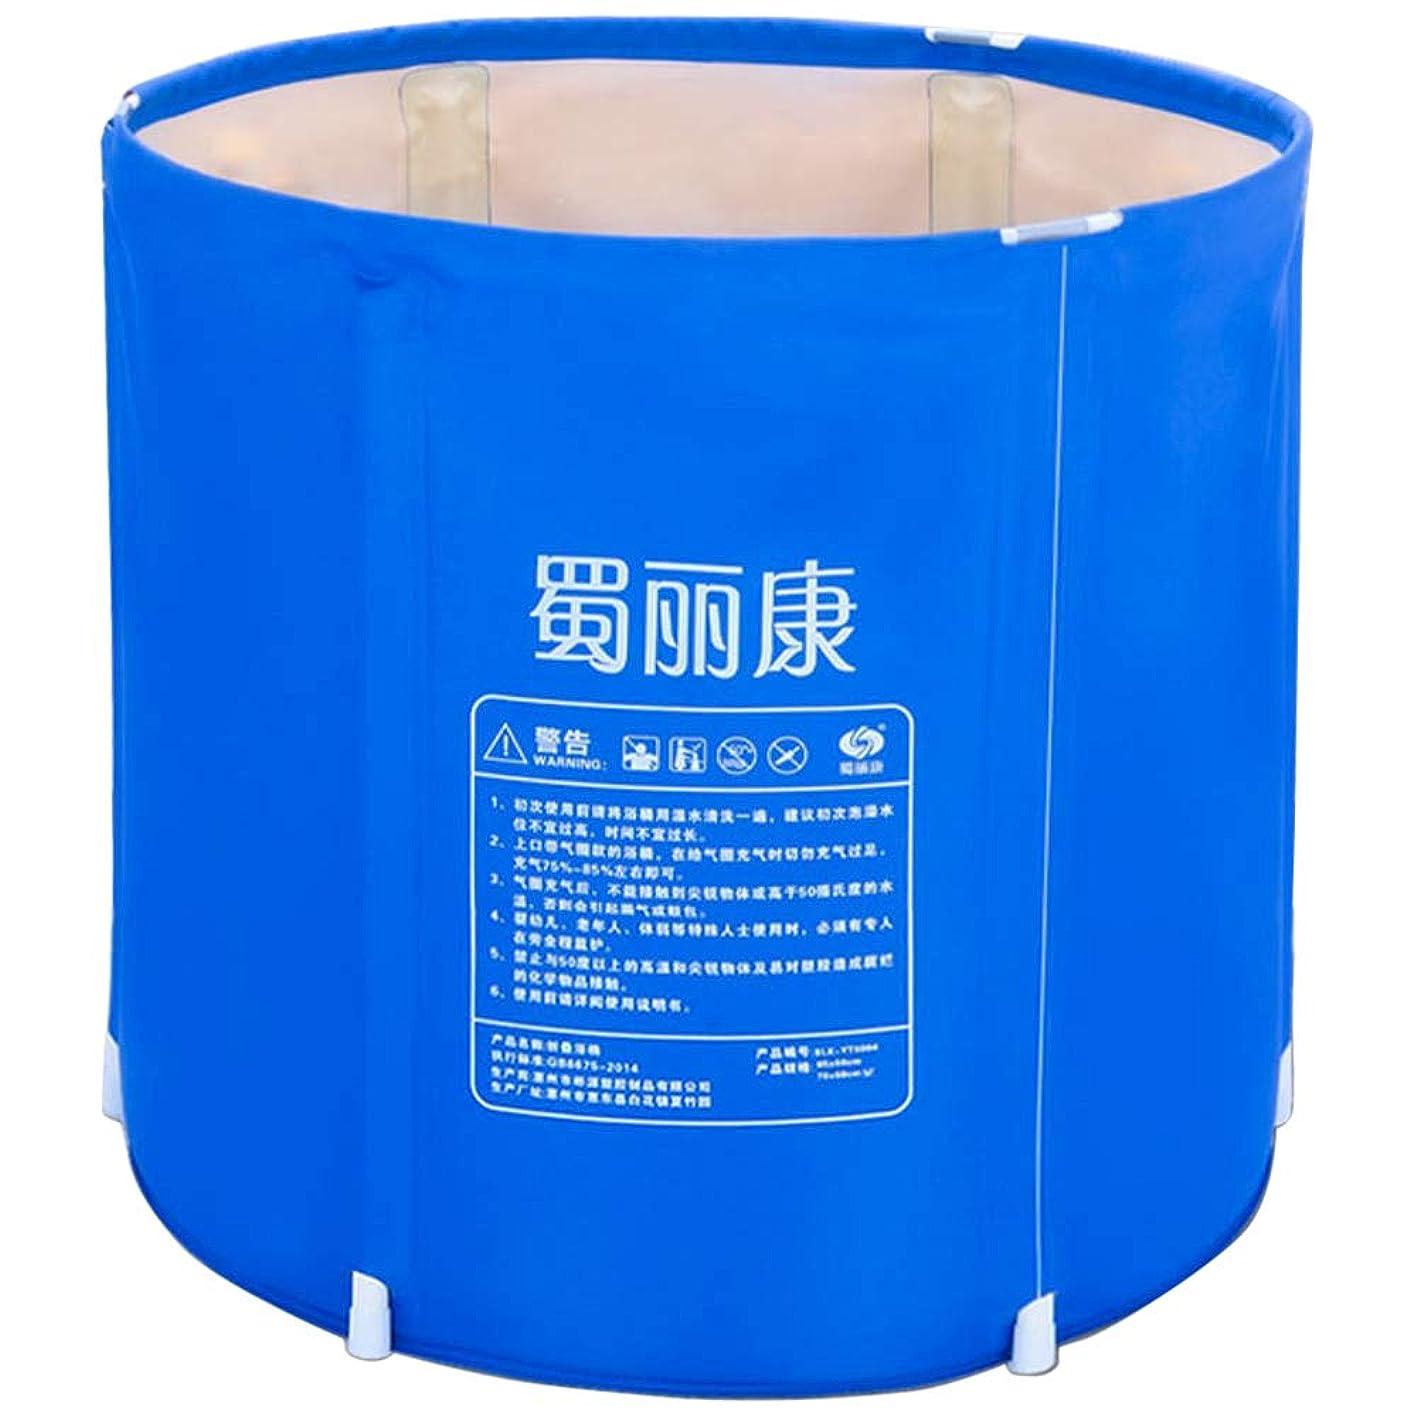 シュリンクブレス発行良品しかない簡易折畳みナイロン製浴槽ダブルサイズ70*68cm大人用子供用プール日本語説明書付き (クッション付きダークブルー)